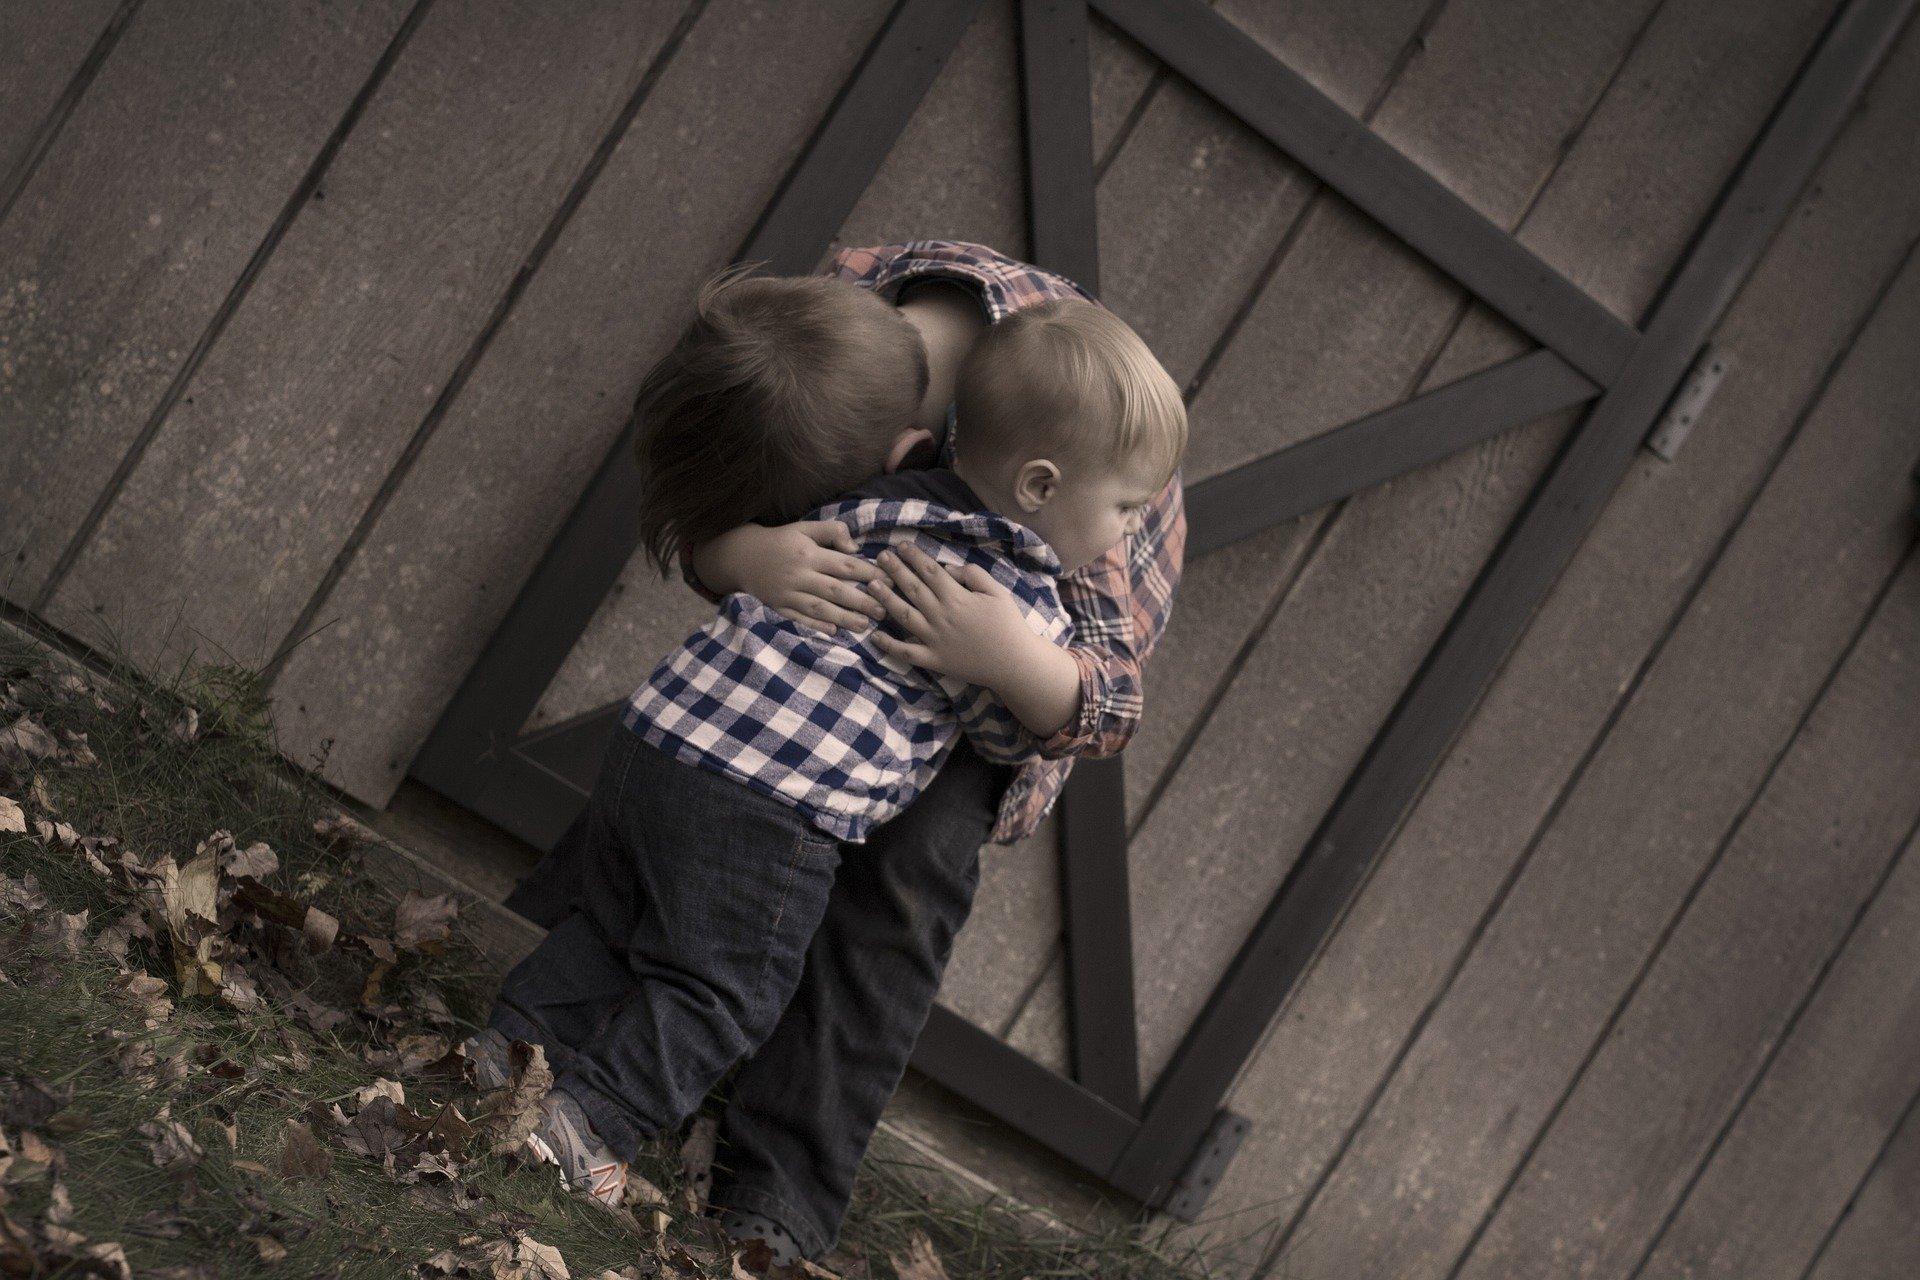 un bambino abbraccia un altro bimbo più piccolo di lui